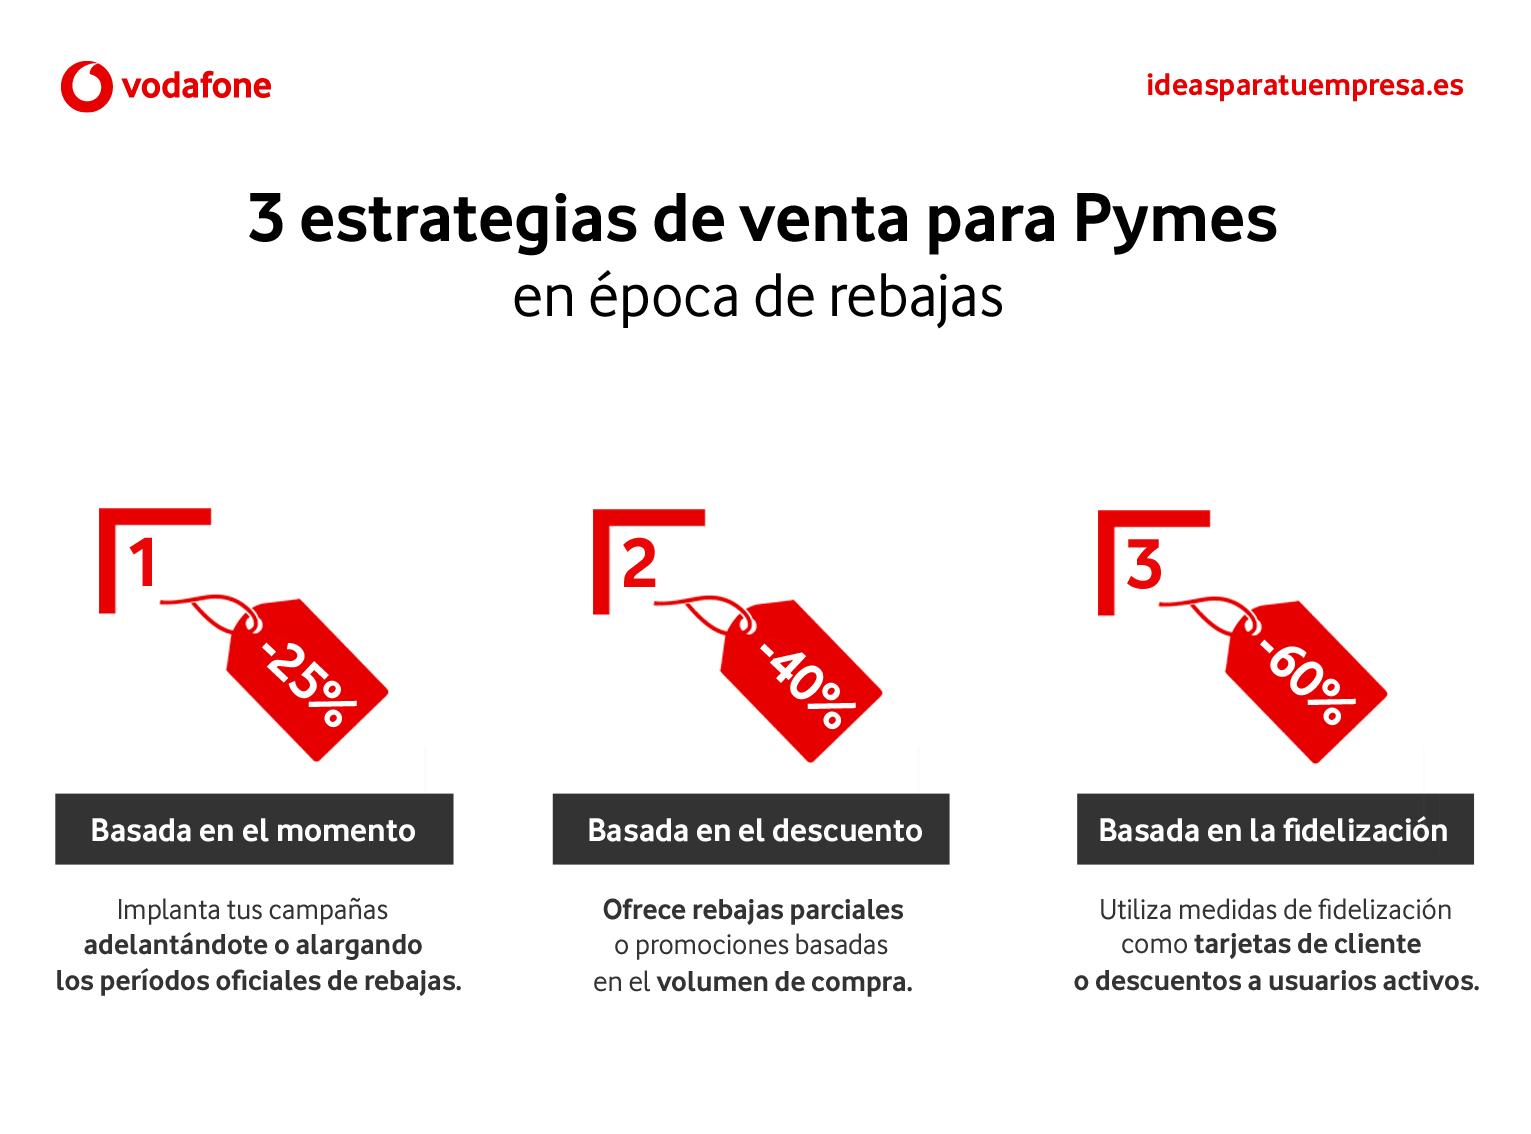 3 Estrategias de venta en rebajas